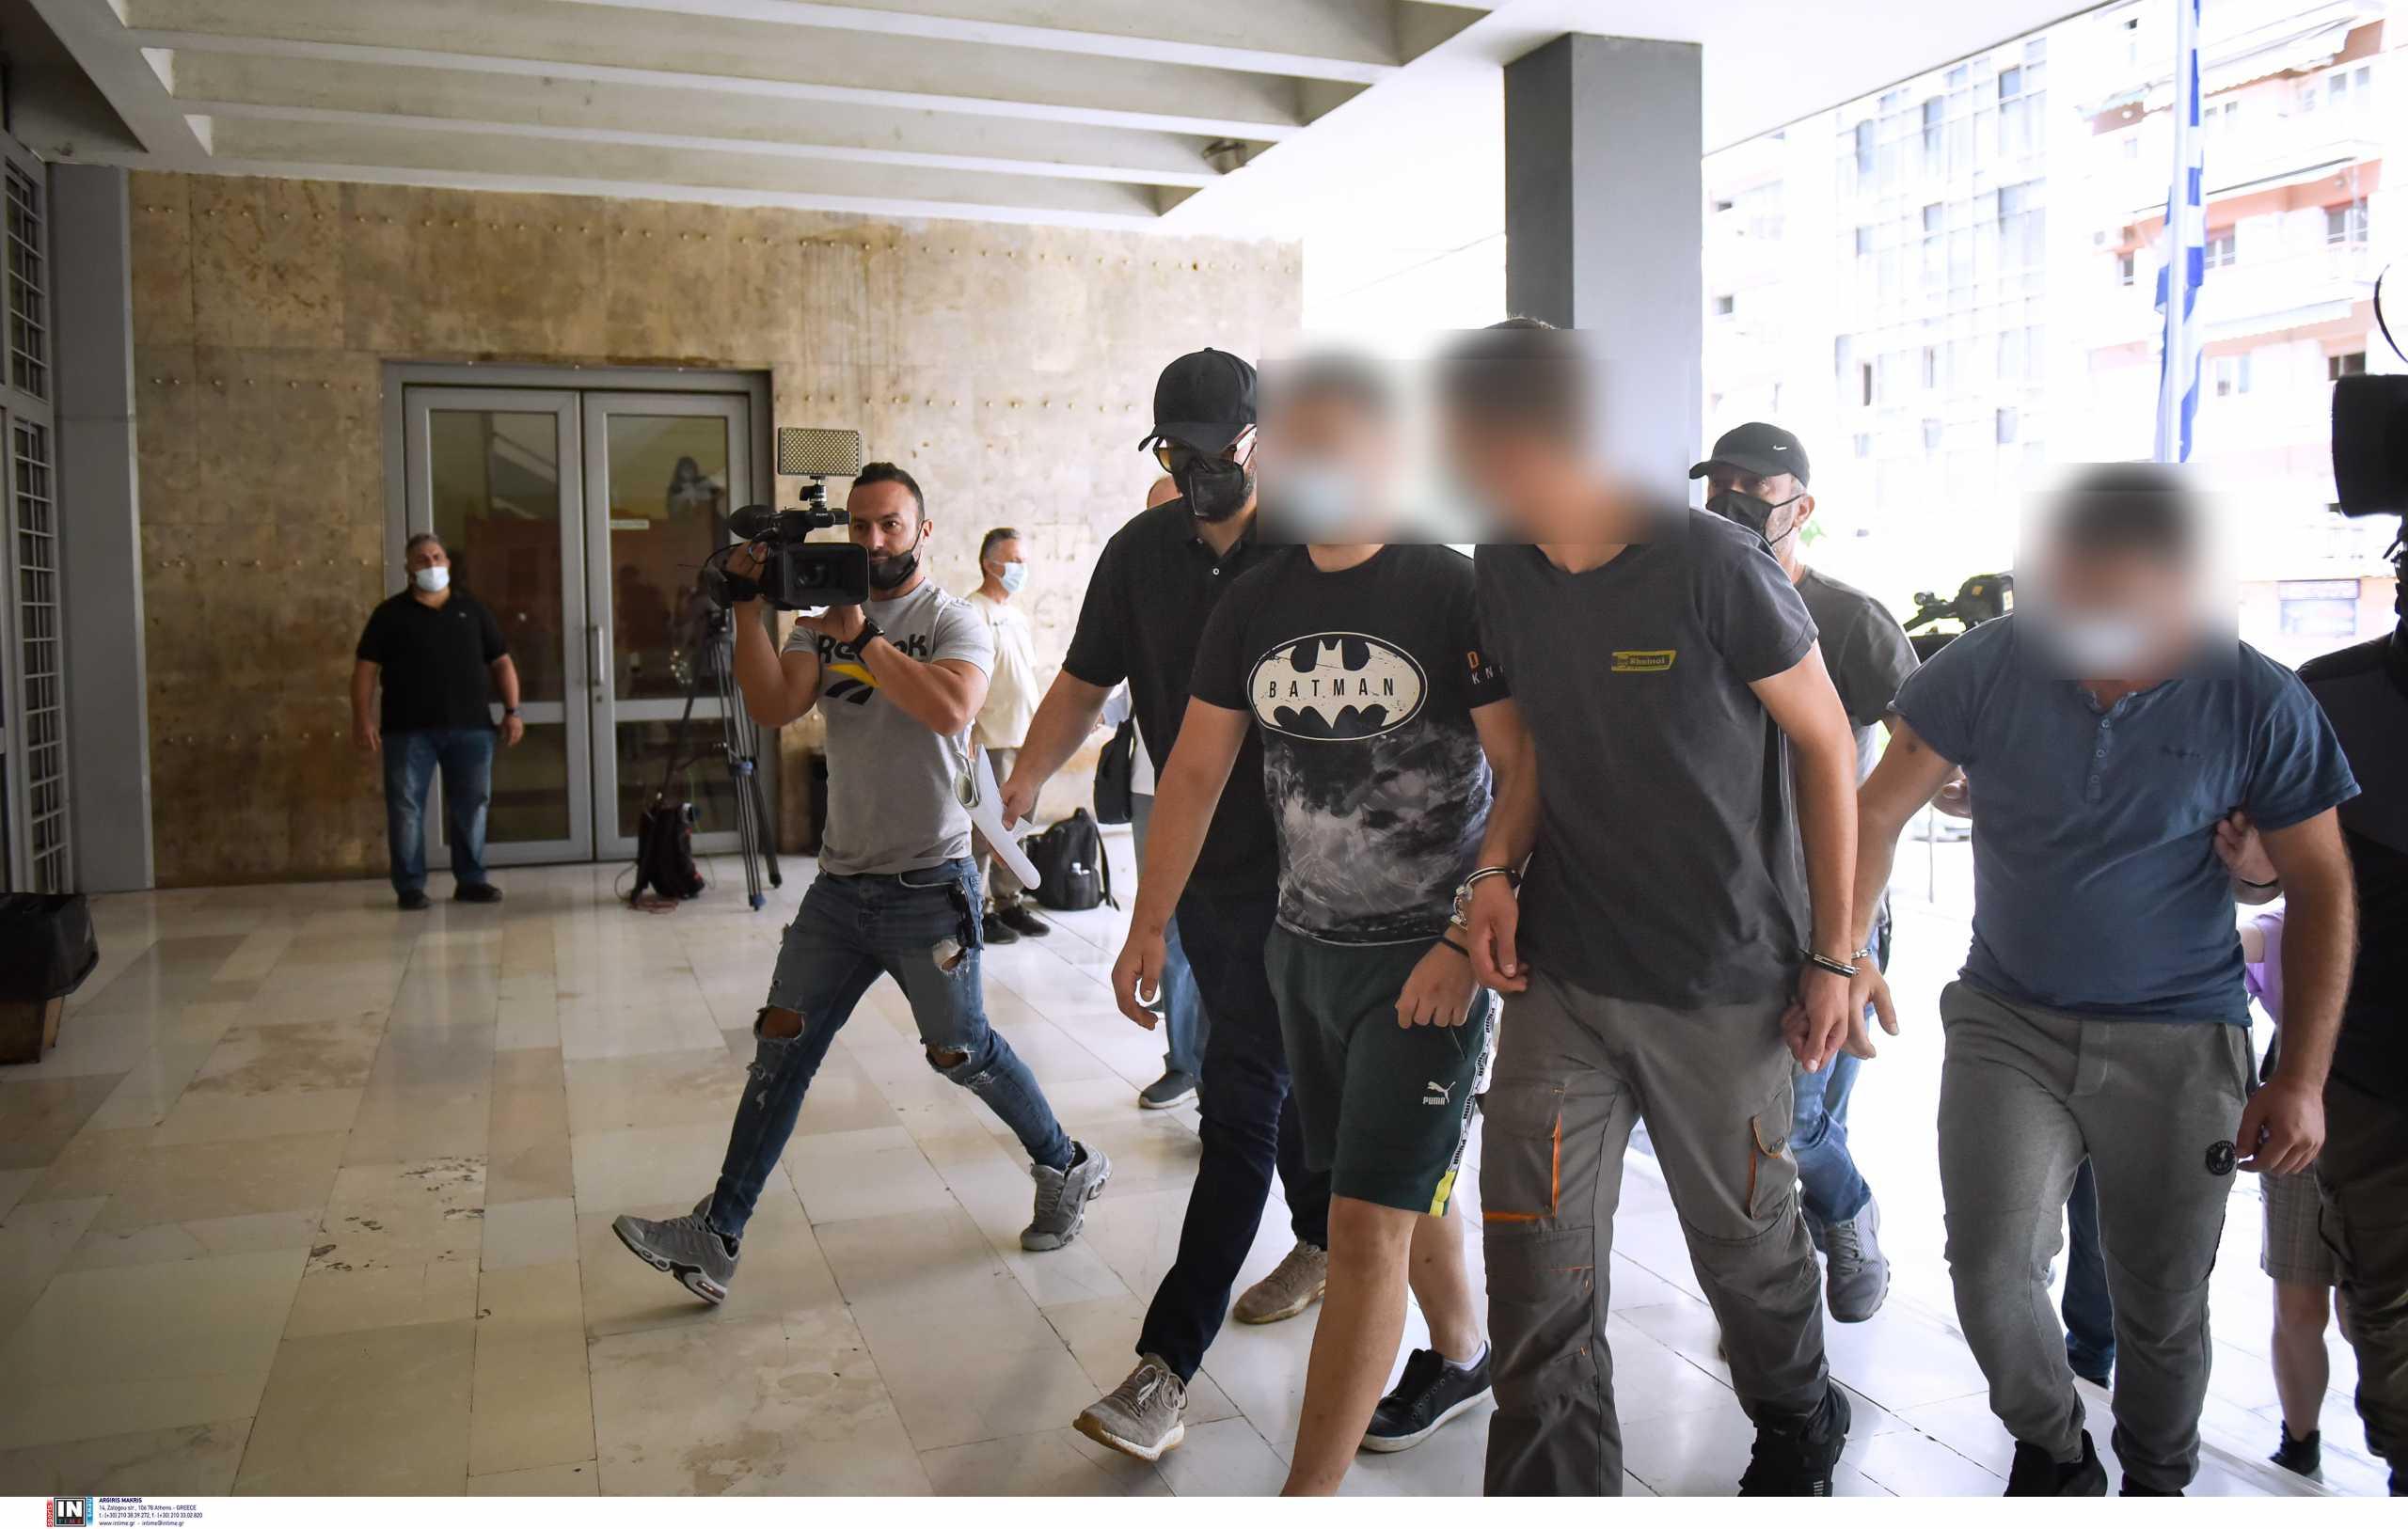 Κορονοπάρτι στο ΑΠΘ: Αναβλήθηκε η δίκη των τριών νεαρών